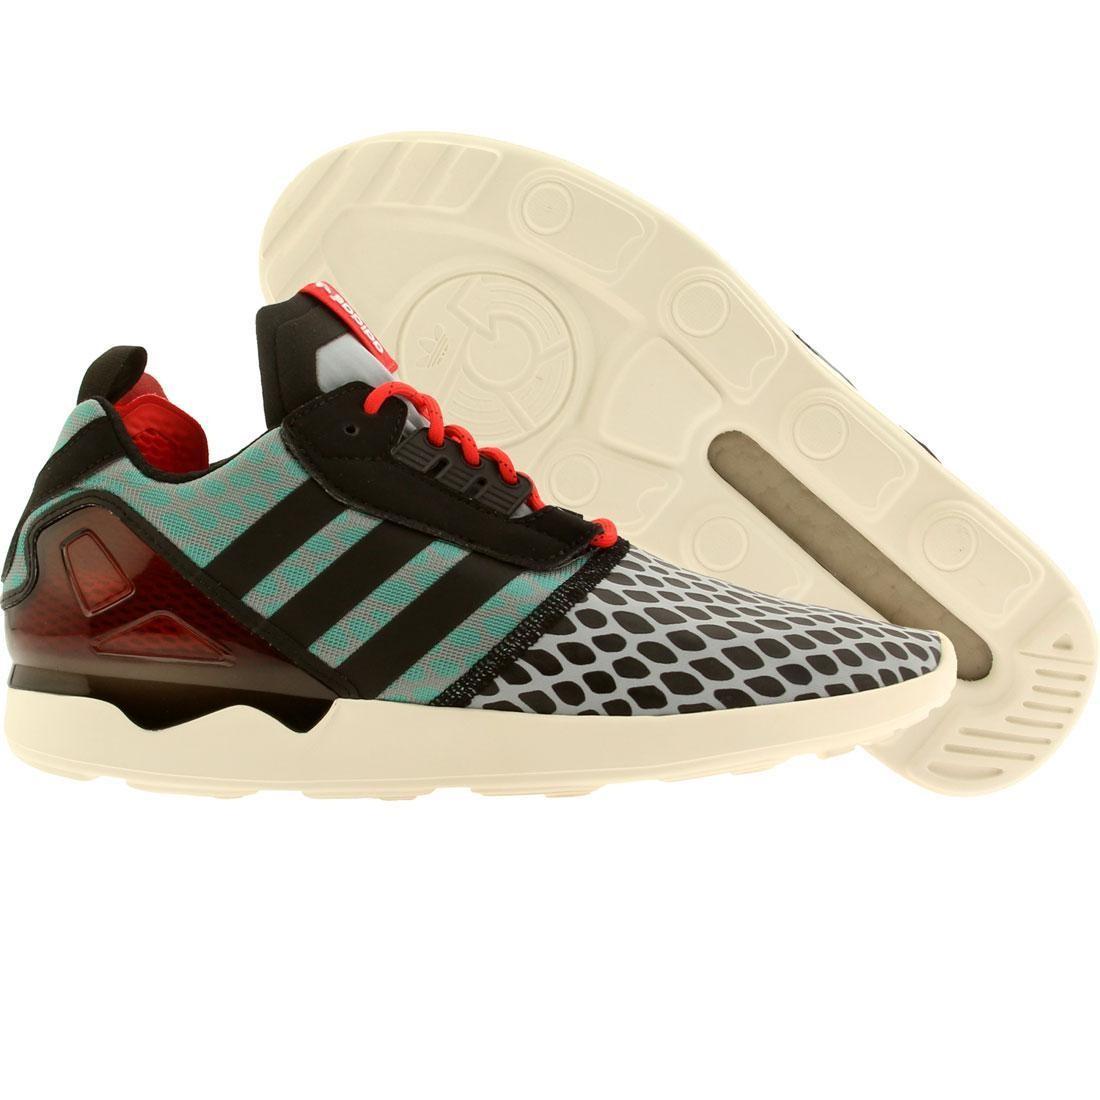 【海外限定】アディダス ブースト メンズ靴 靴 【 ADIDAS MEN ZX 8000 BOOST BLACK TEAL RED 】